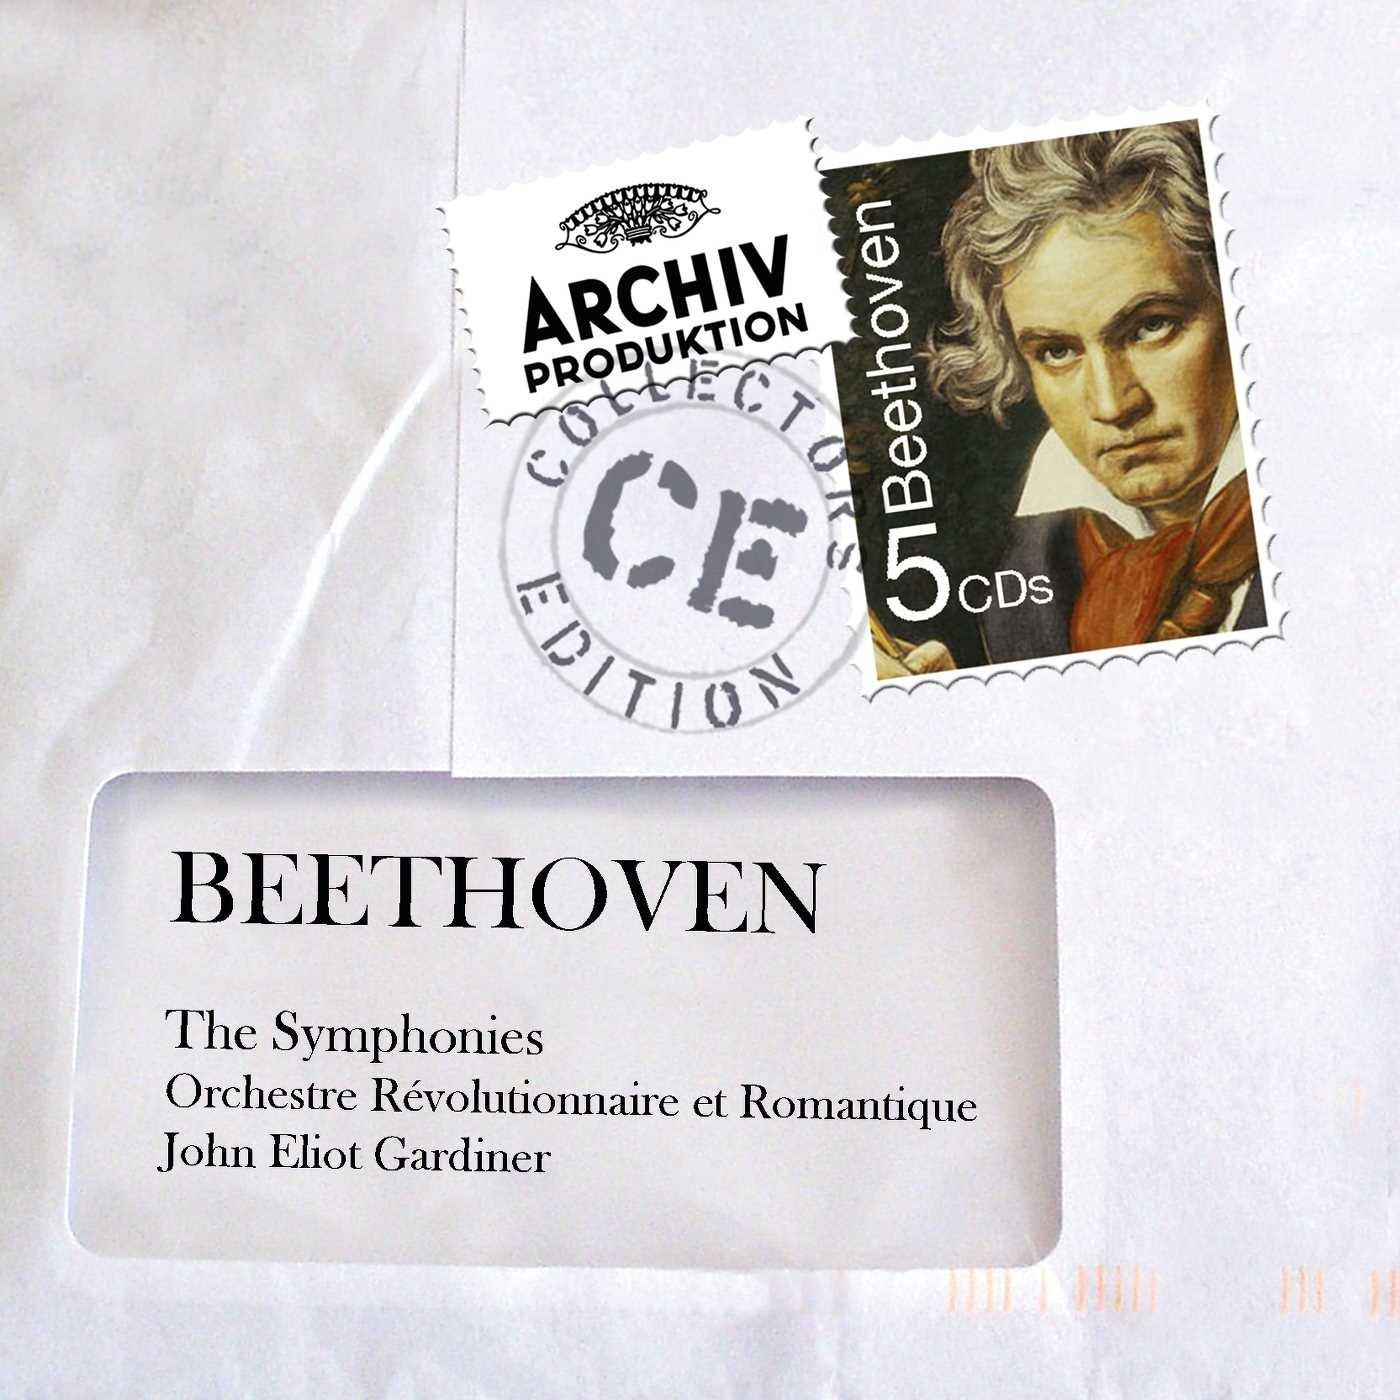 Beethoven: The Symphonies by Deutsche Grammophon